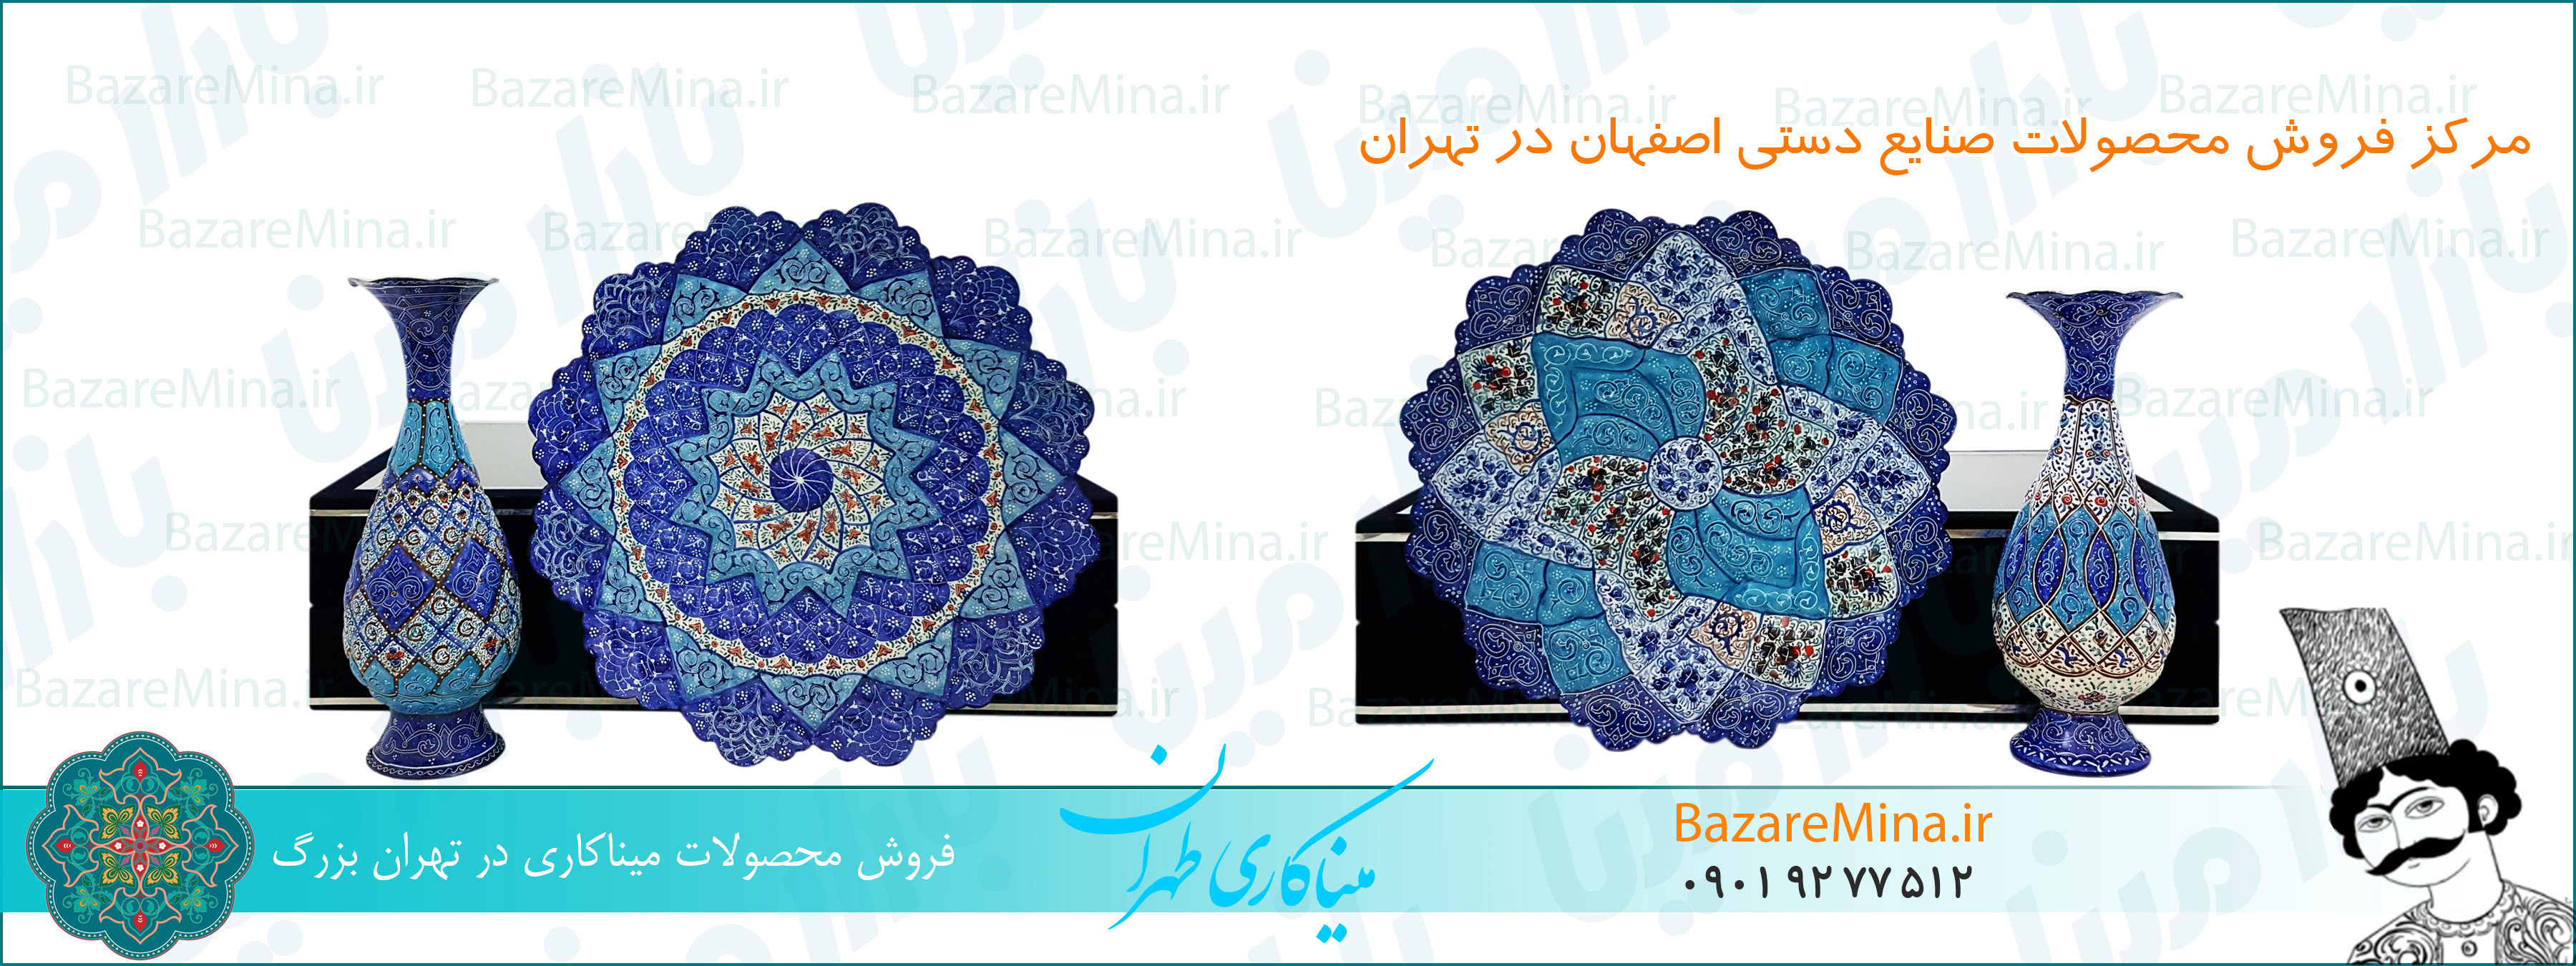 قیمت مینا کاری تهران